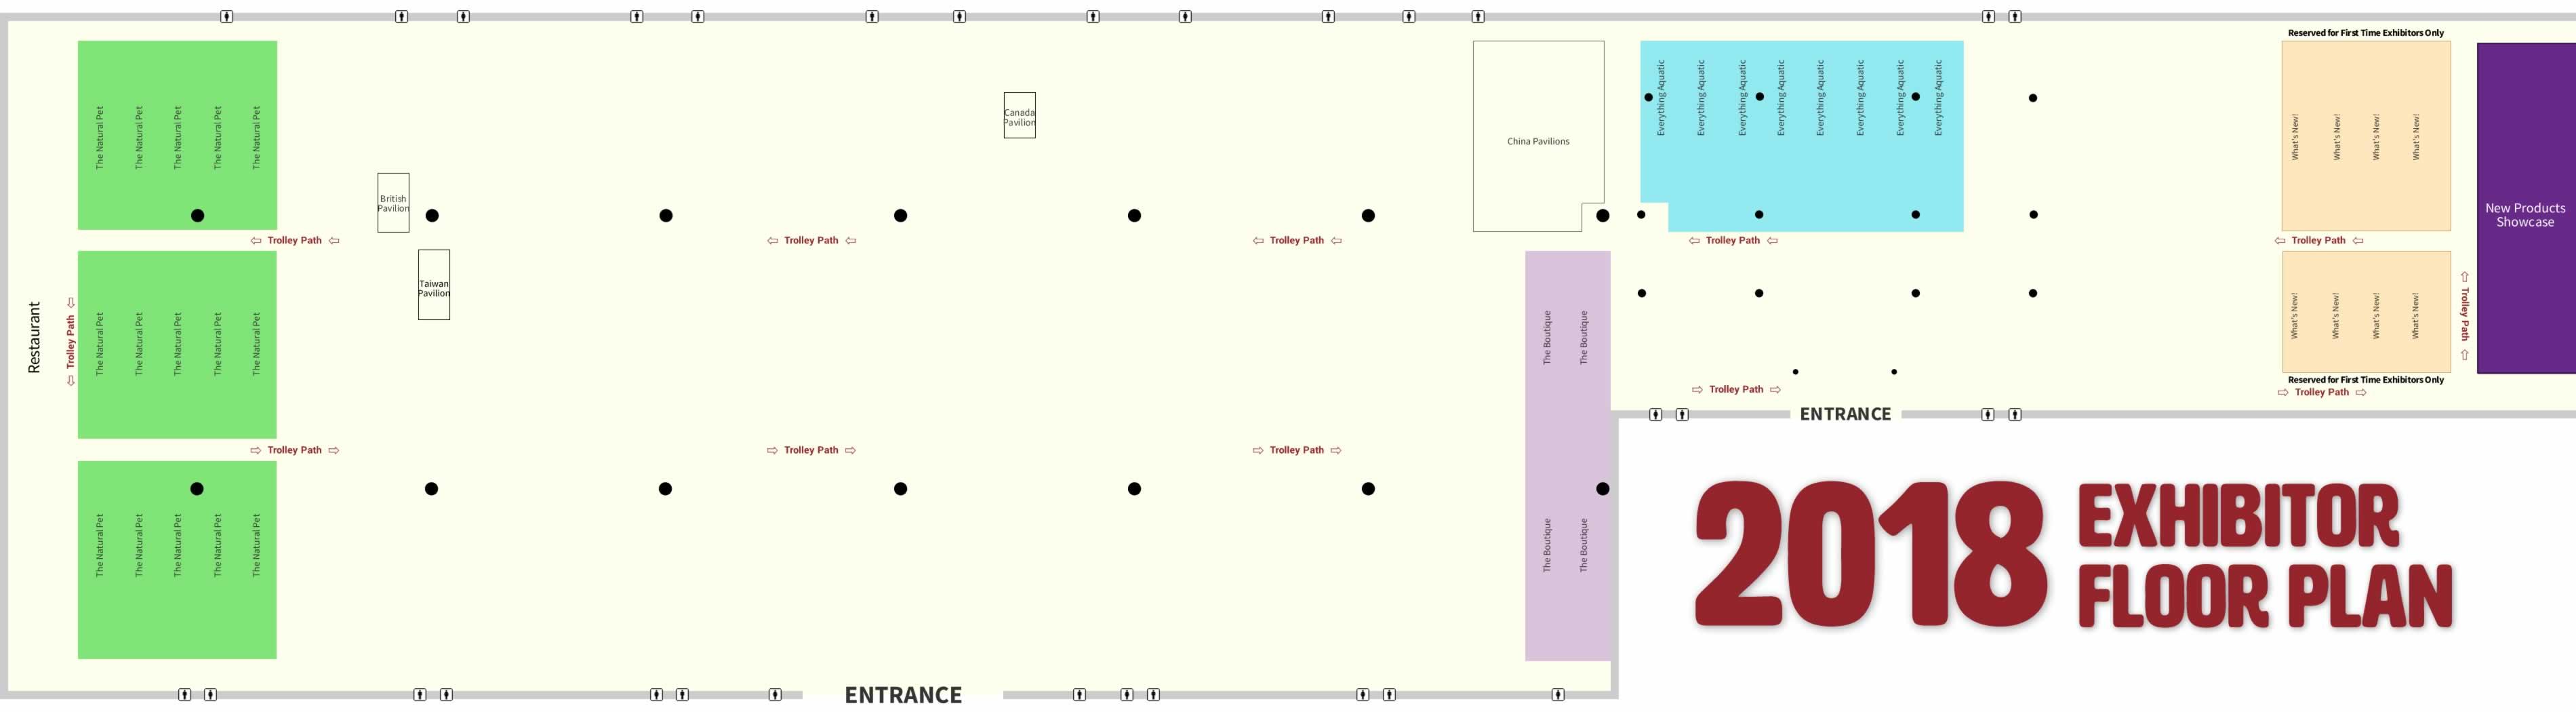 floor plan 2018 global pet expo exhibit hall